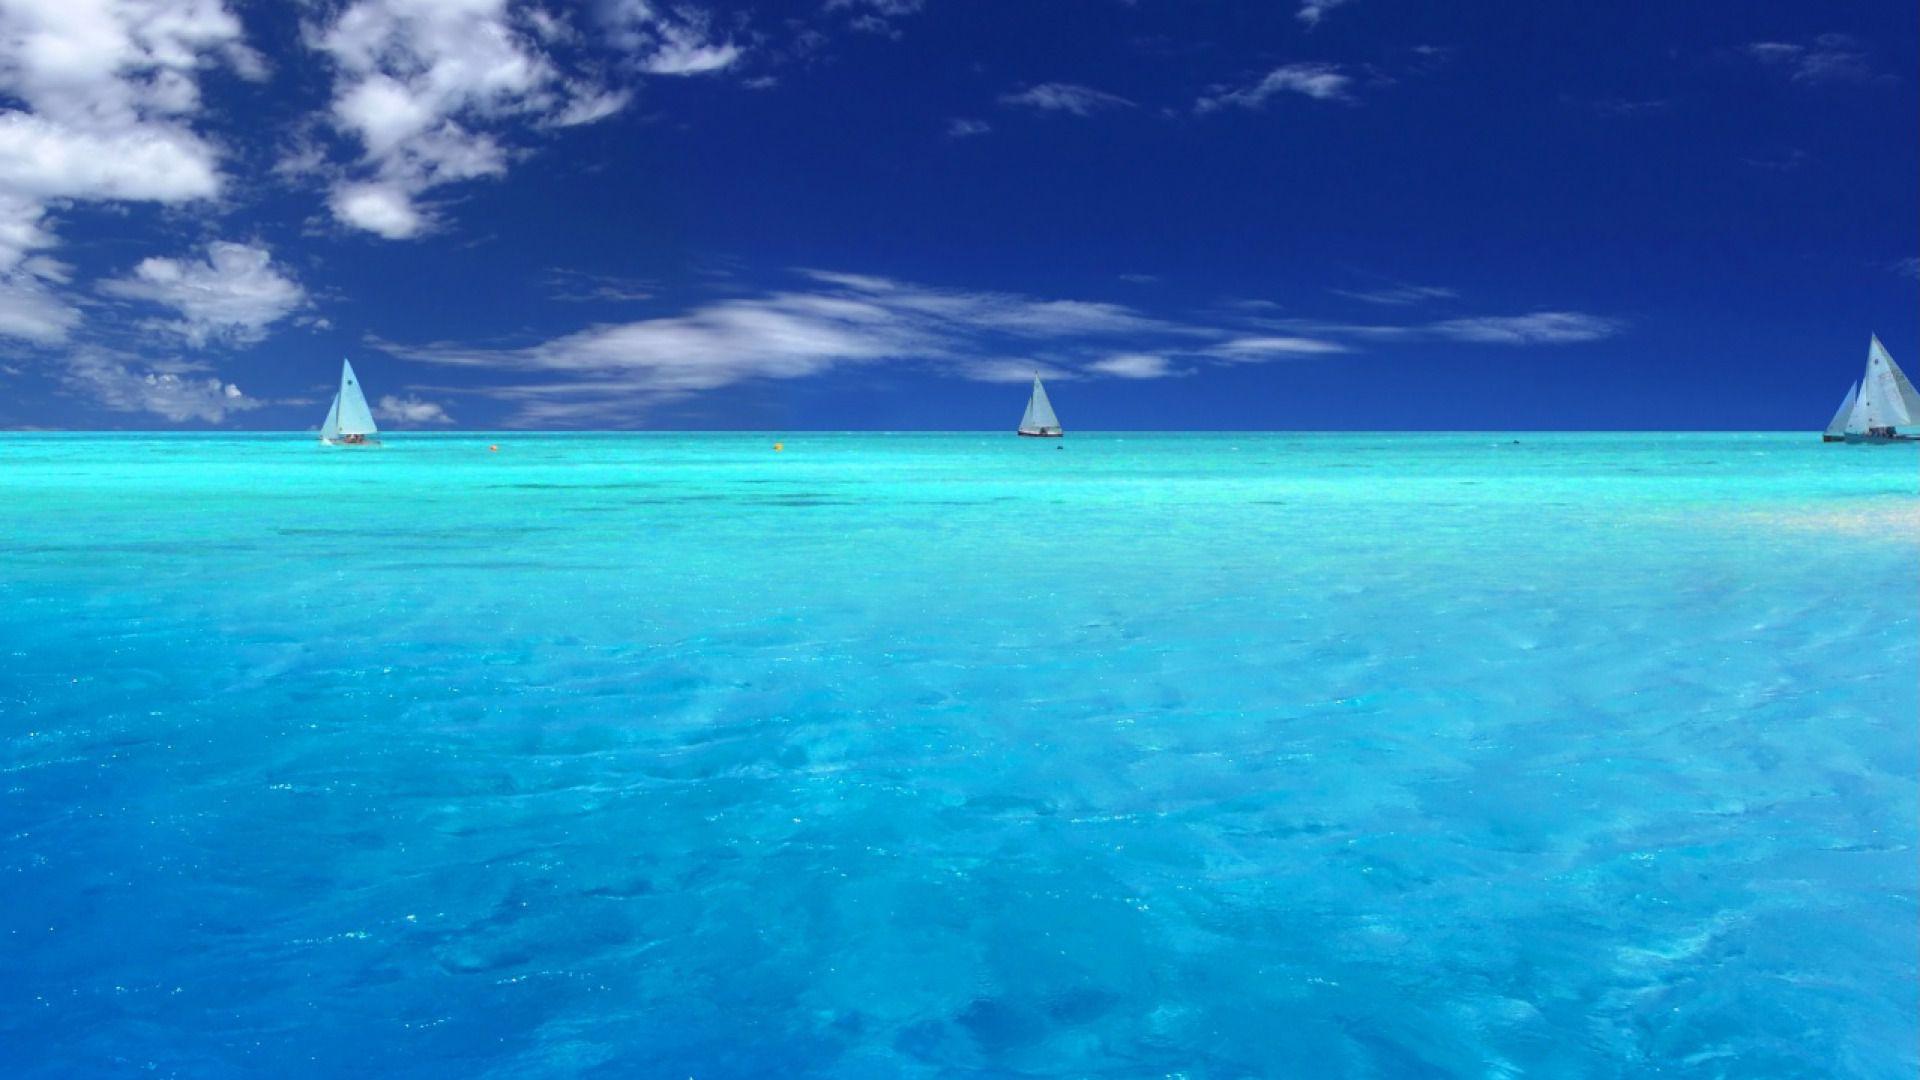 ocean 15759 hdwpro